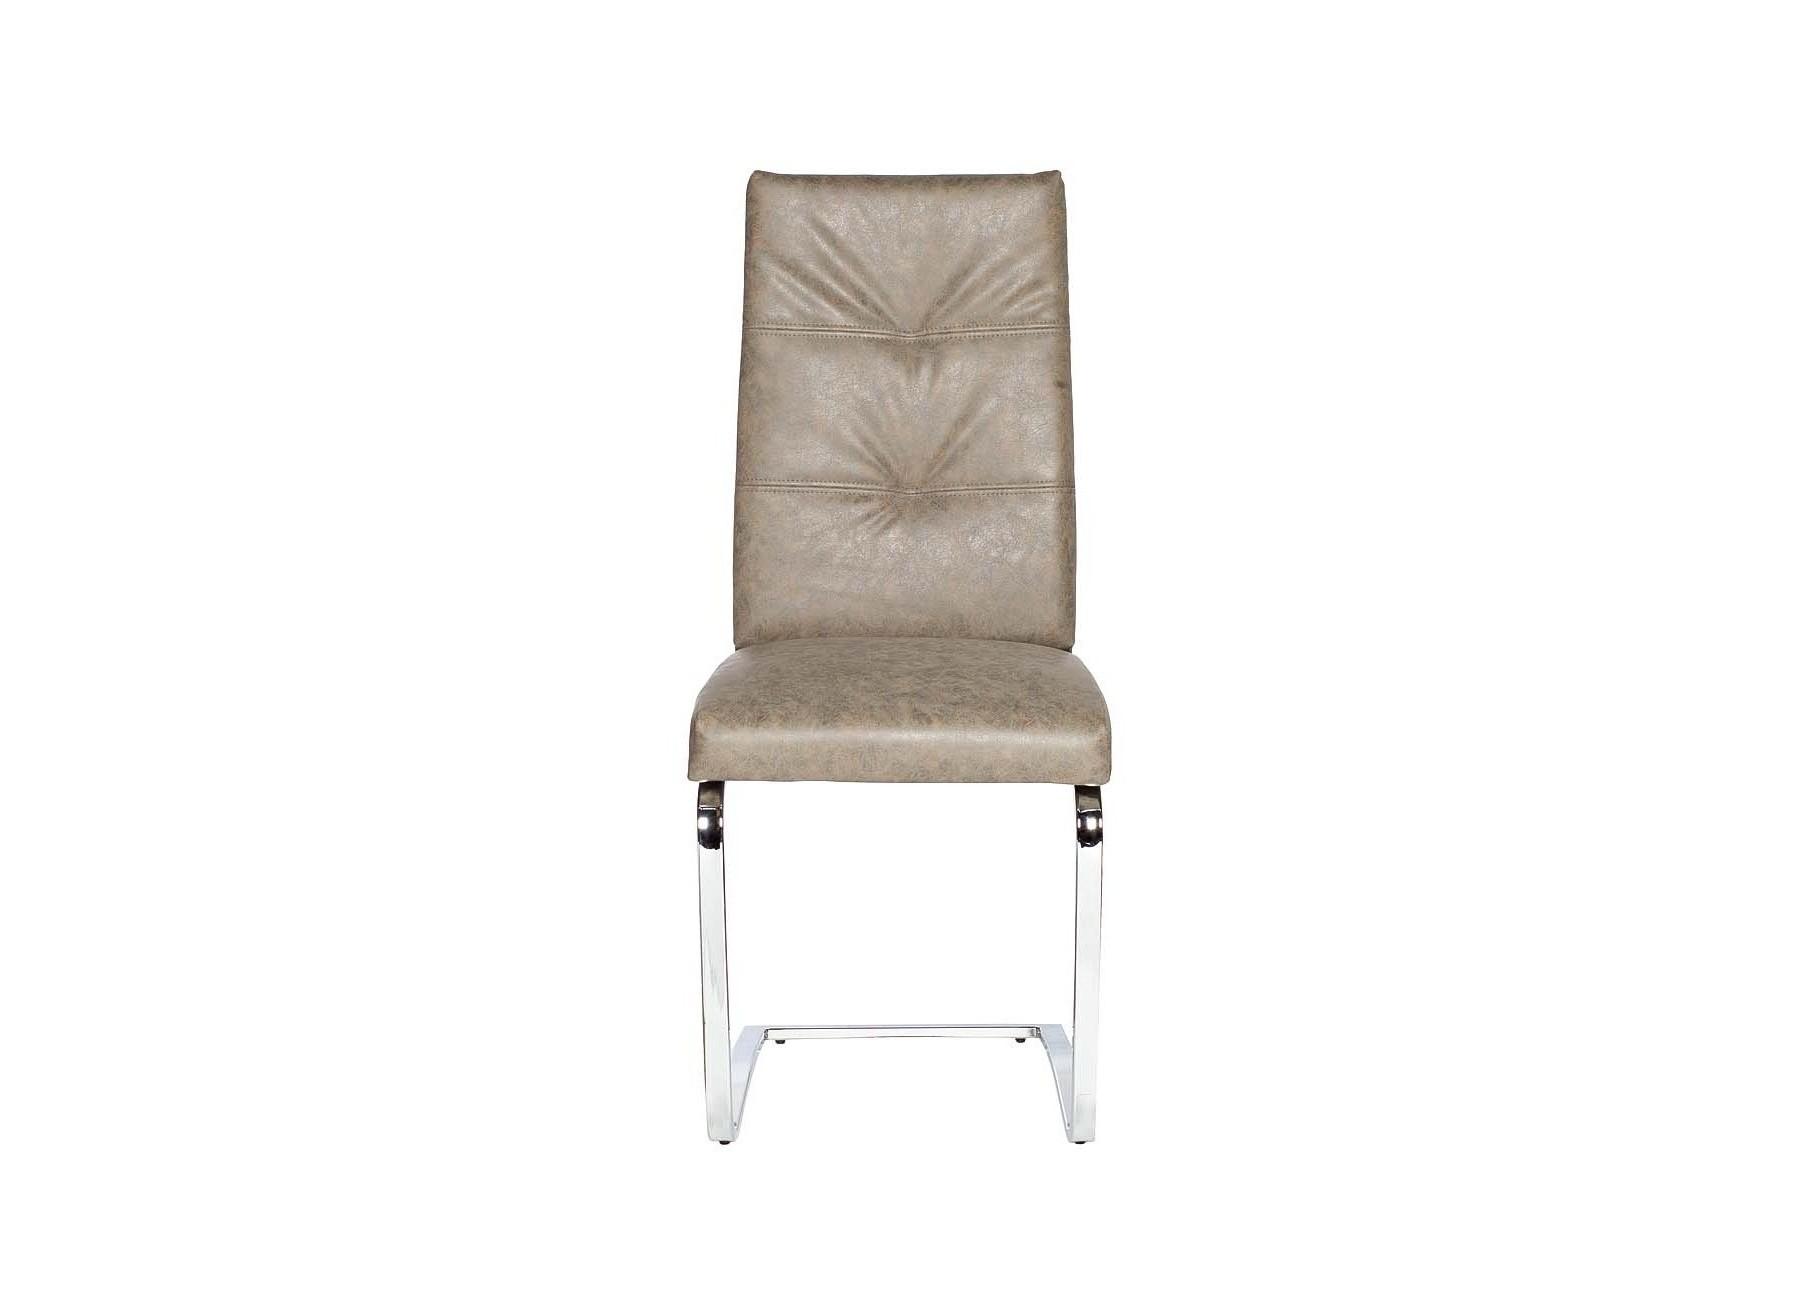 СтулОбеденные стулья<br><br><br>Material: Экокожа<br>Width см: 47<br>Depth см: 64<br>Height см: 103,5